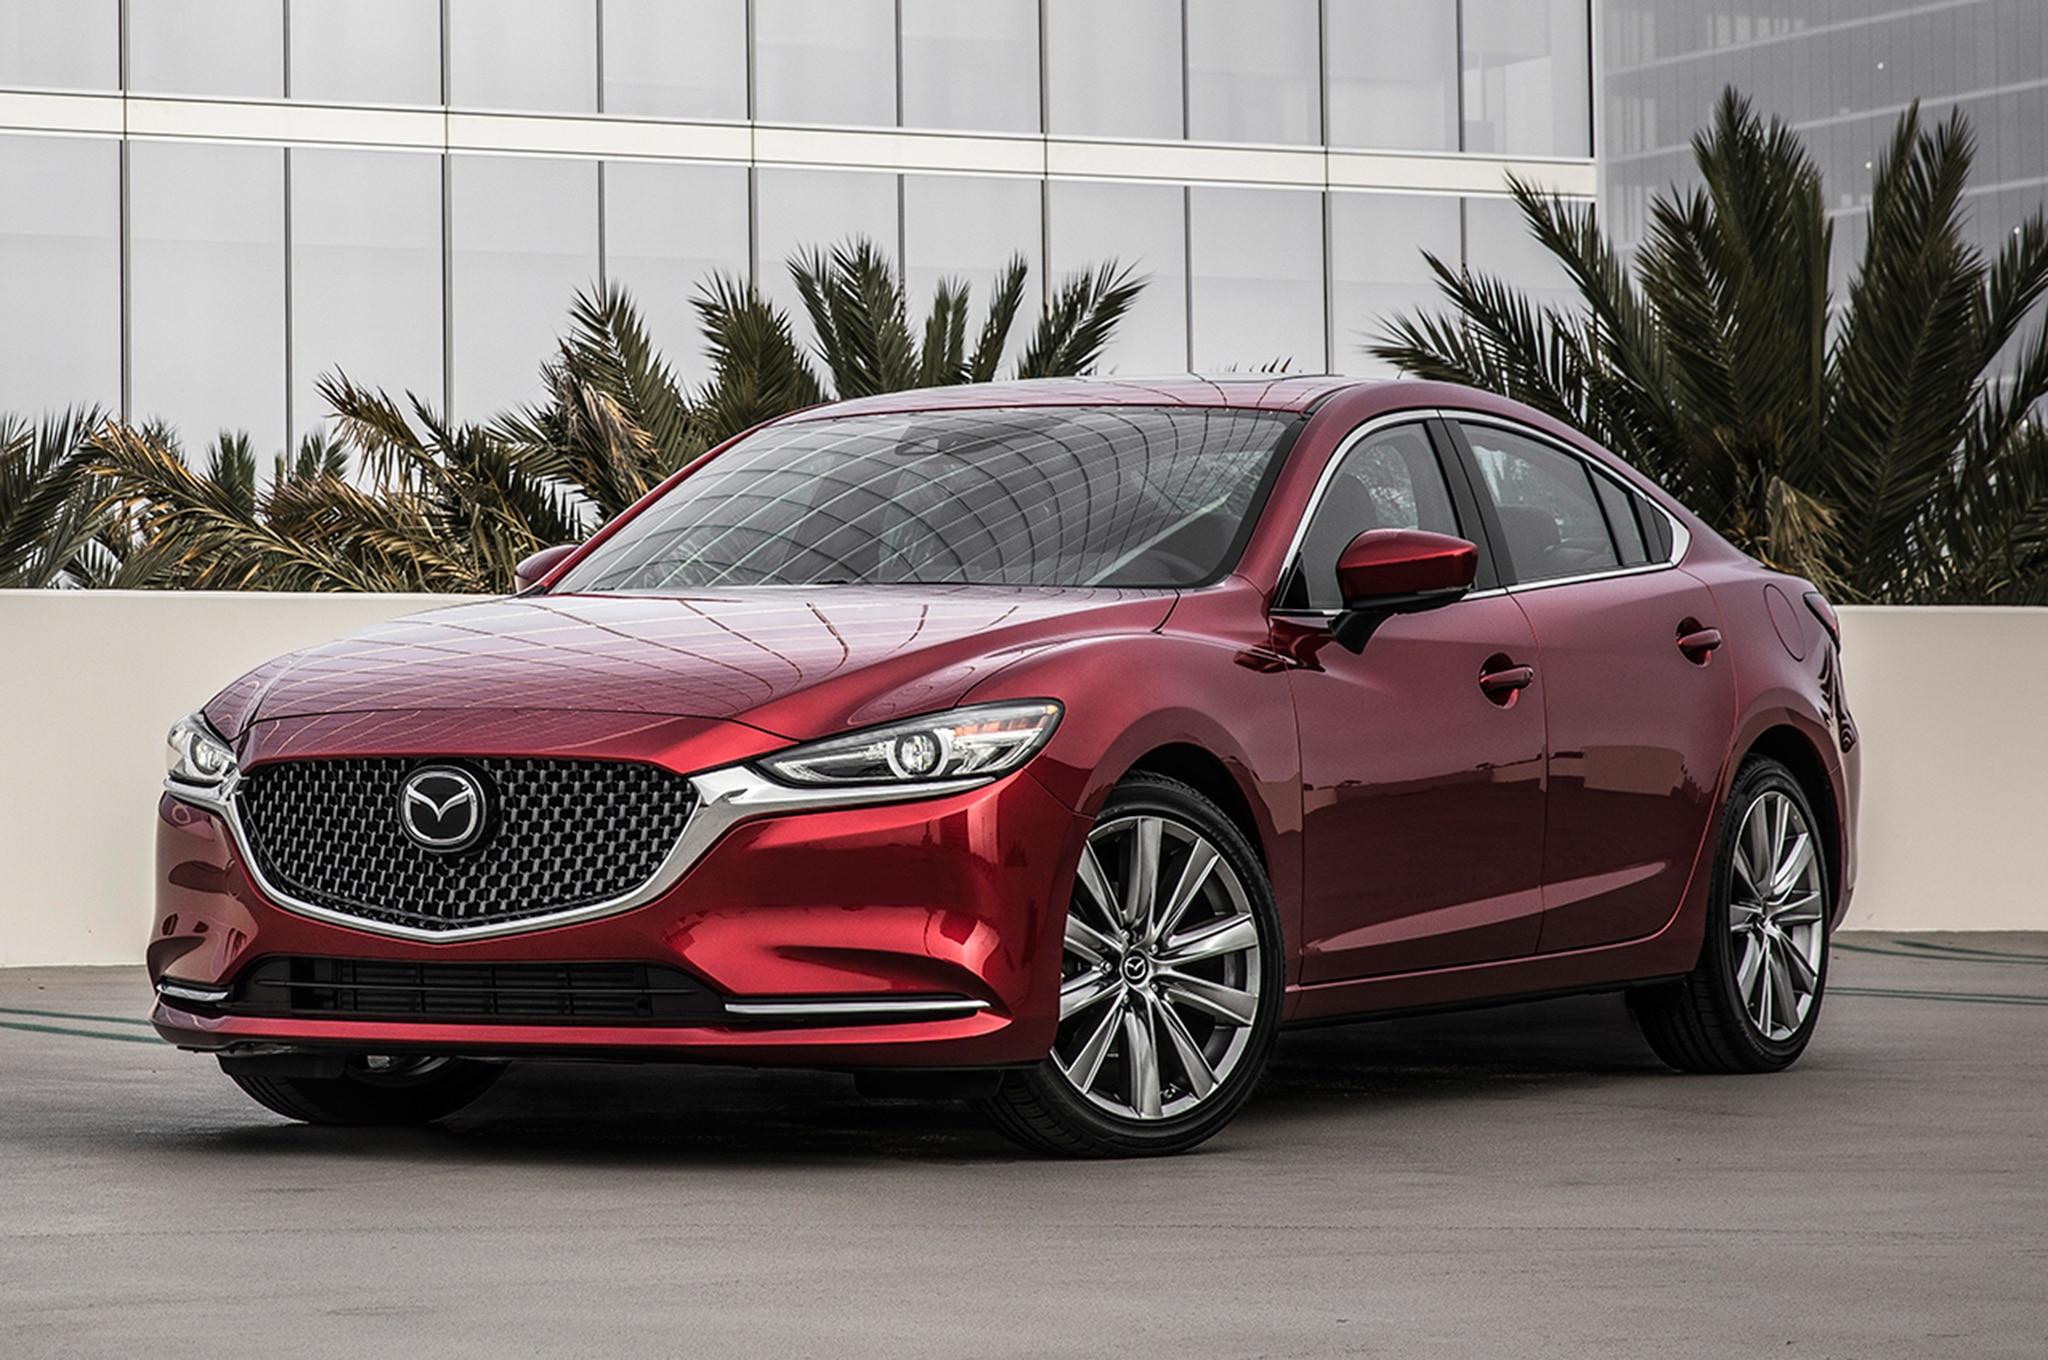 Mazda 3 Sedan 2021 Tambahkan Basis Mesin Berkapasitas 2.0Liter